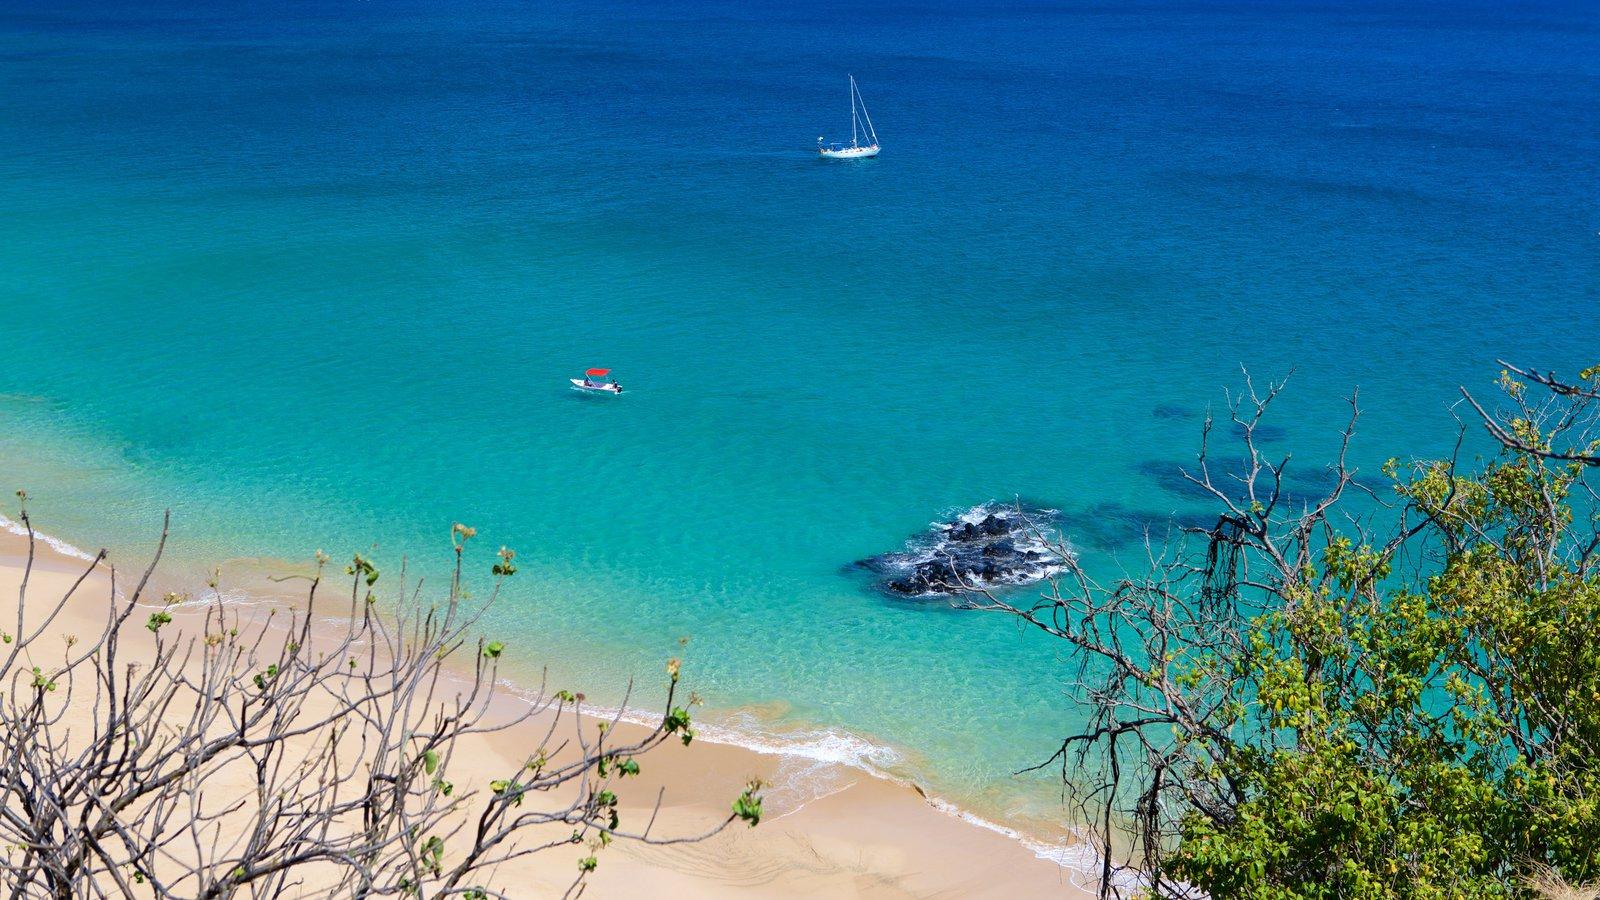 Fernando de Noronha caracterizando vela, paisagens litorâneas e uma praia